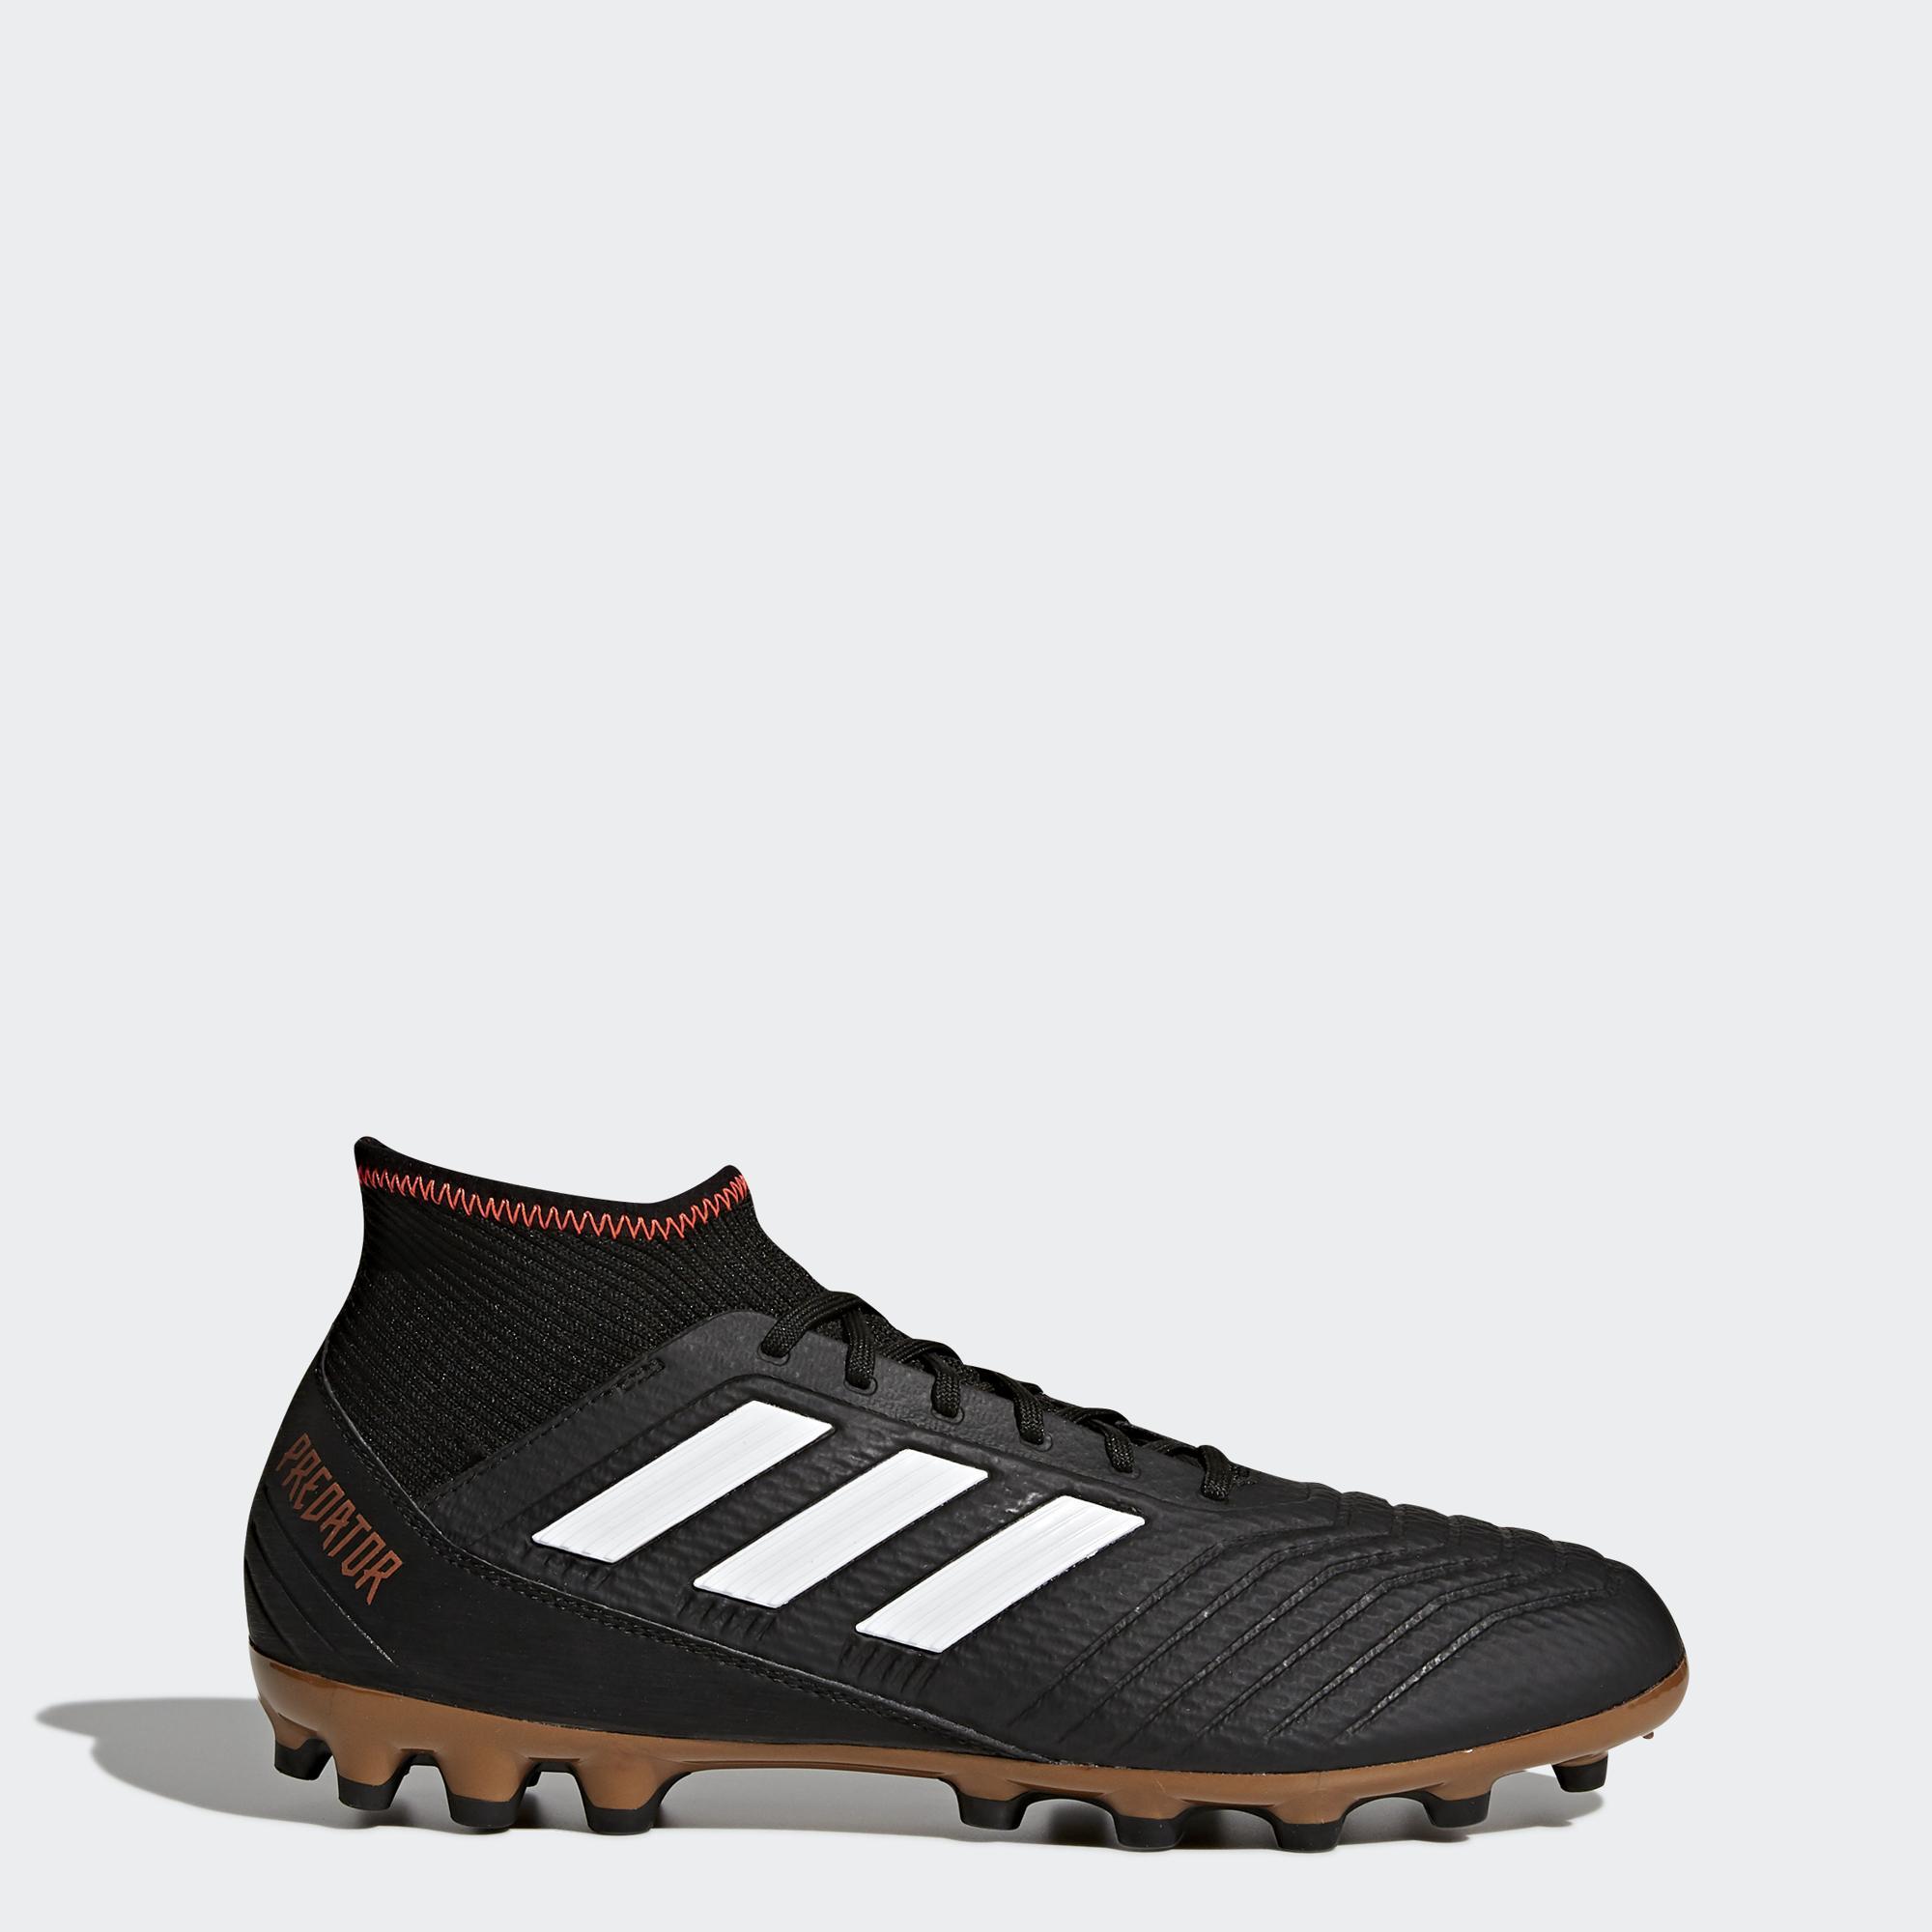 Adidas Scarpe Calcio Predator 18.3 Ag